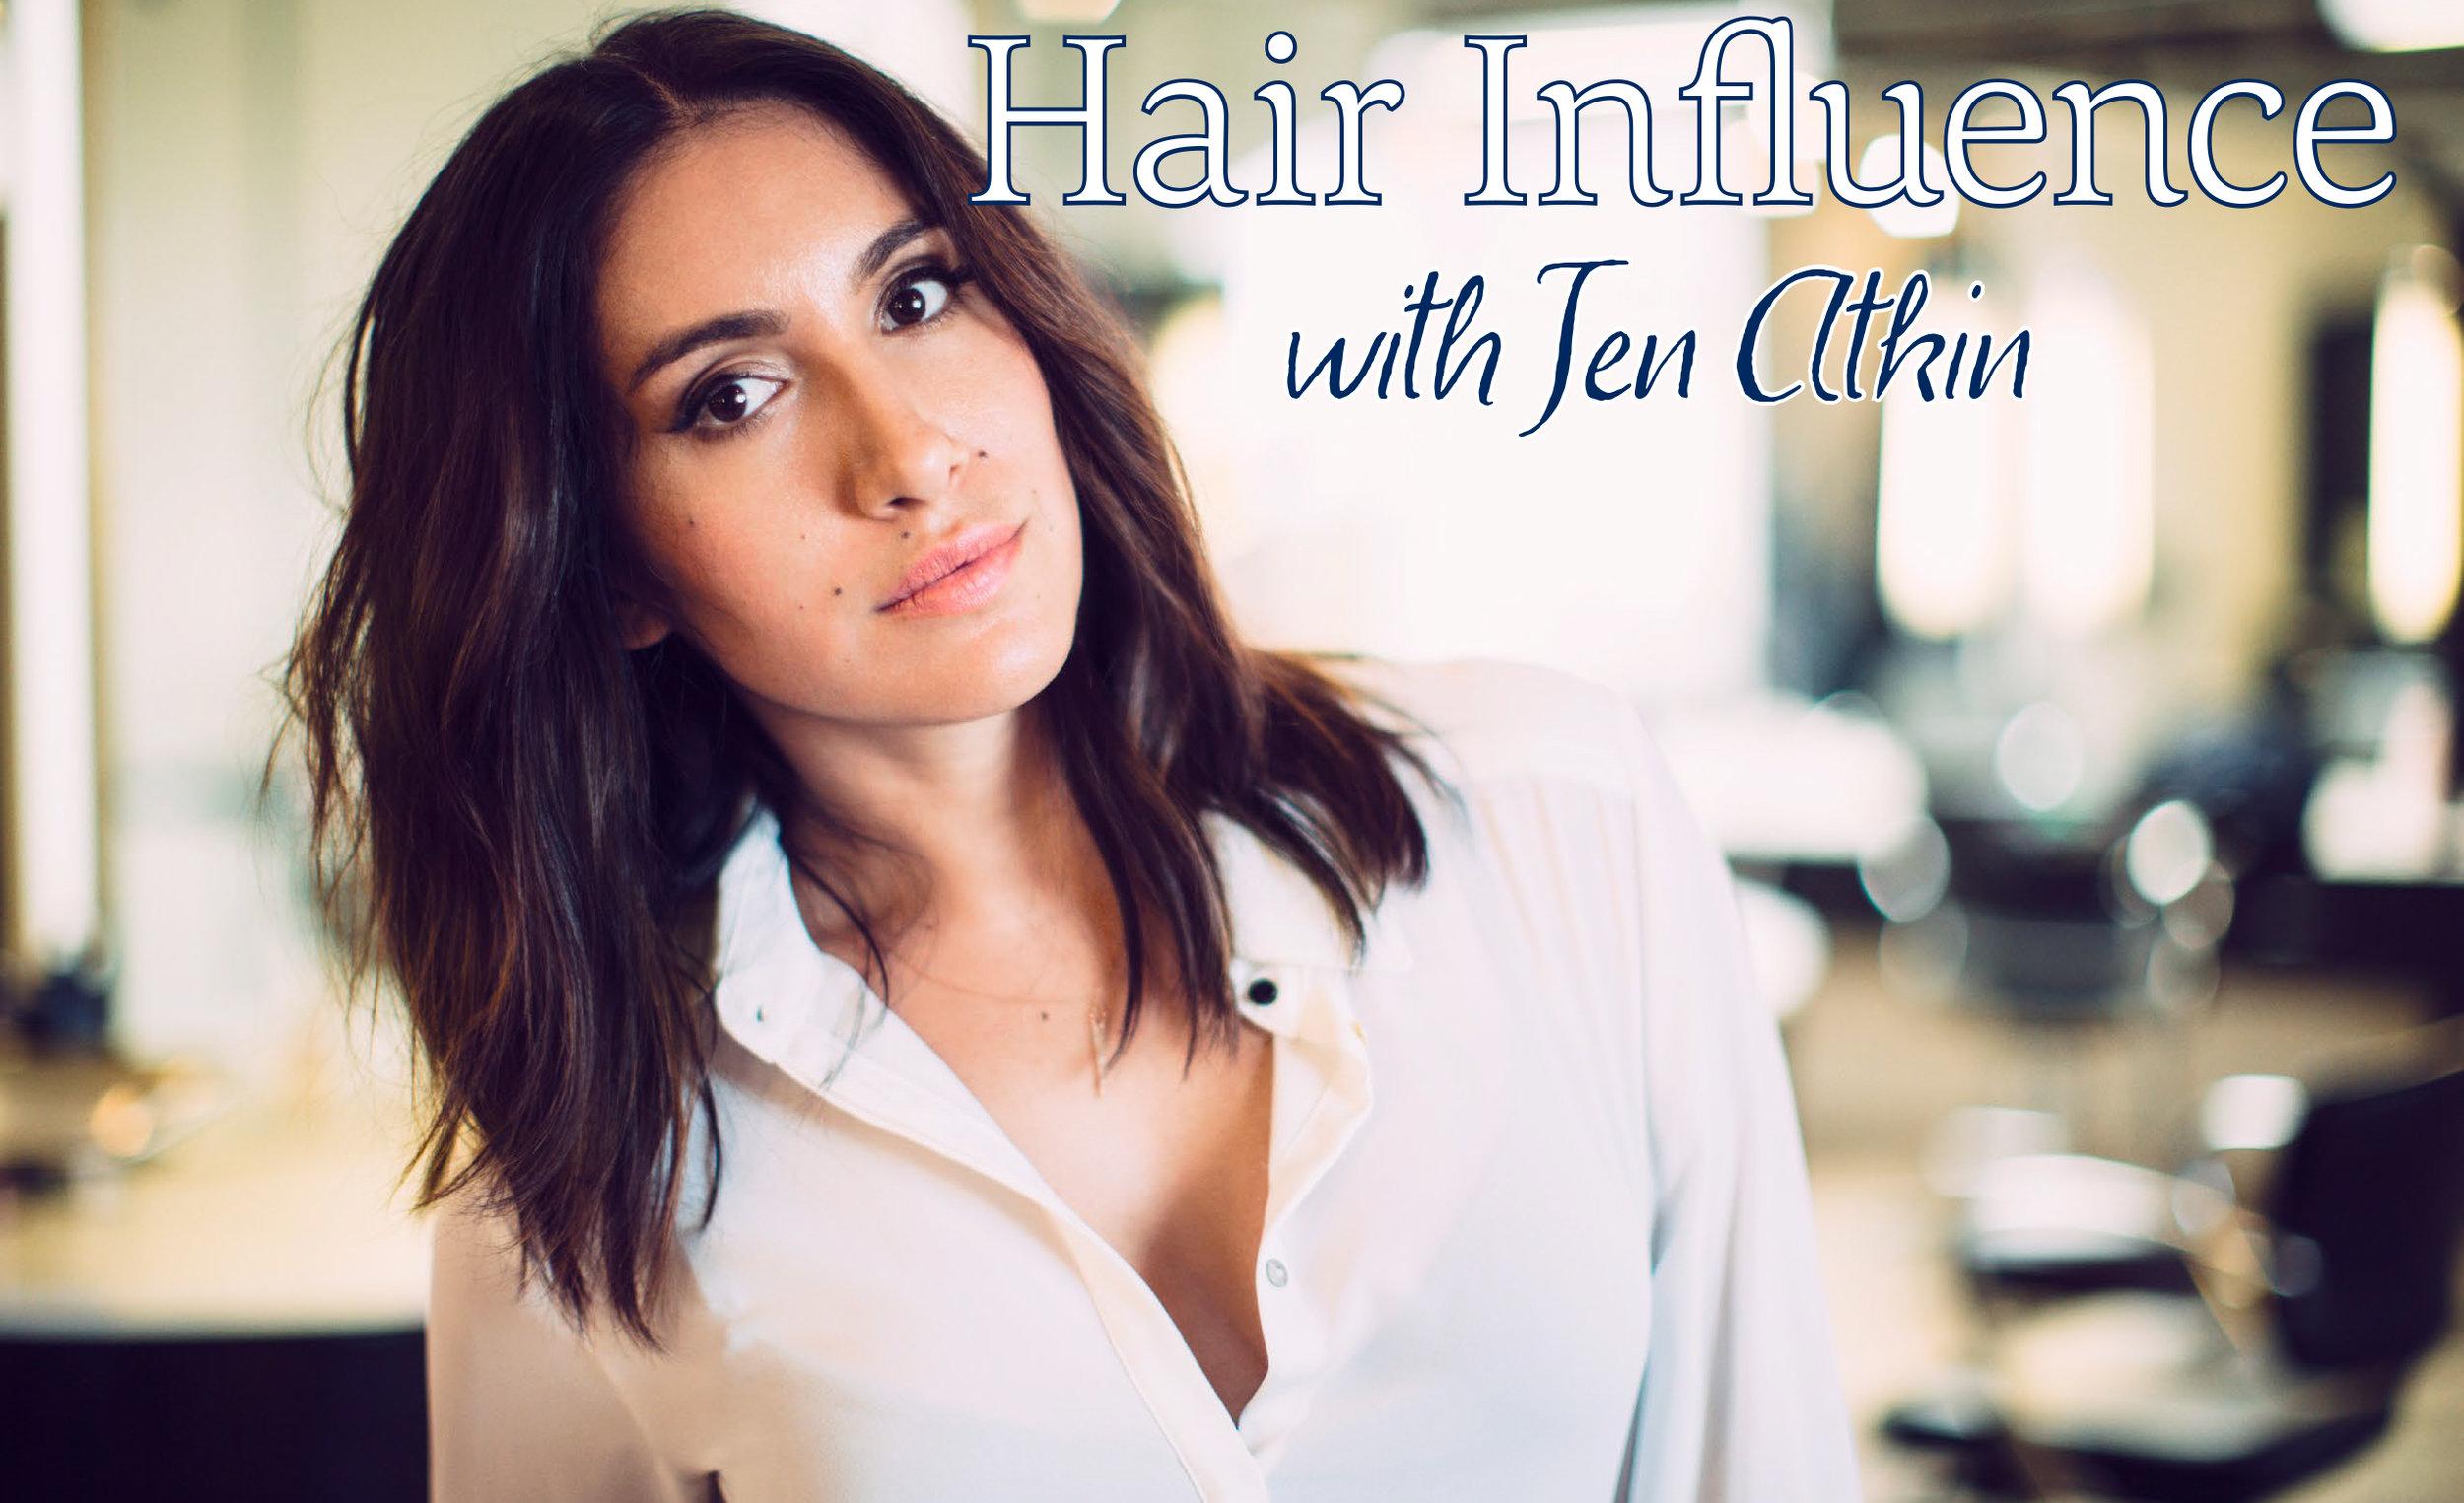 AM JUN HAIR INFLUENCE WITH JEN ATKIN.jpg